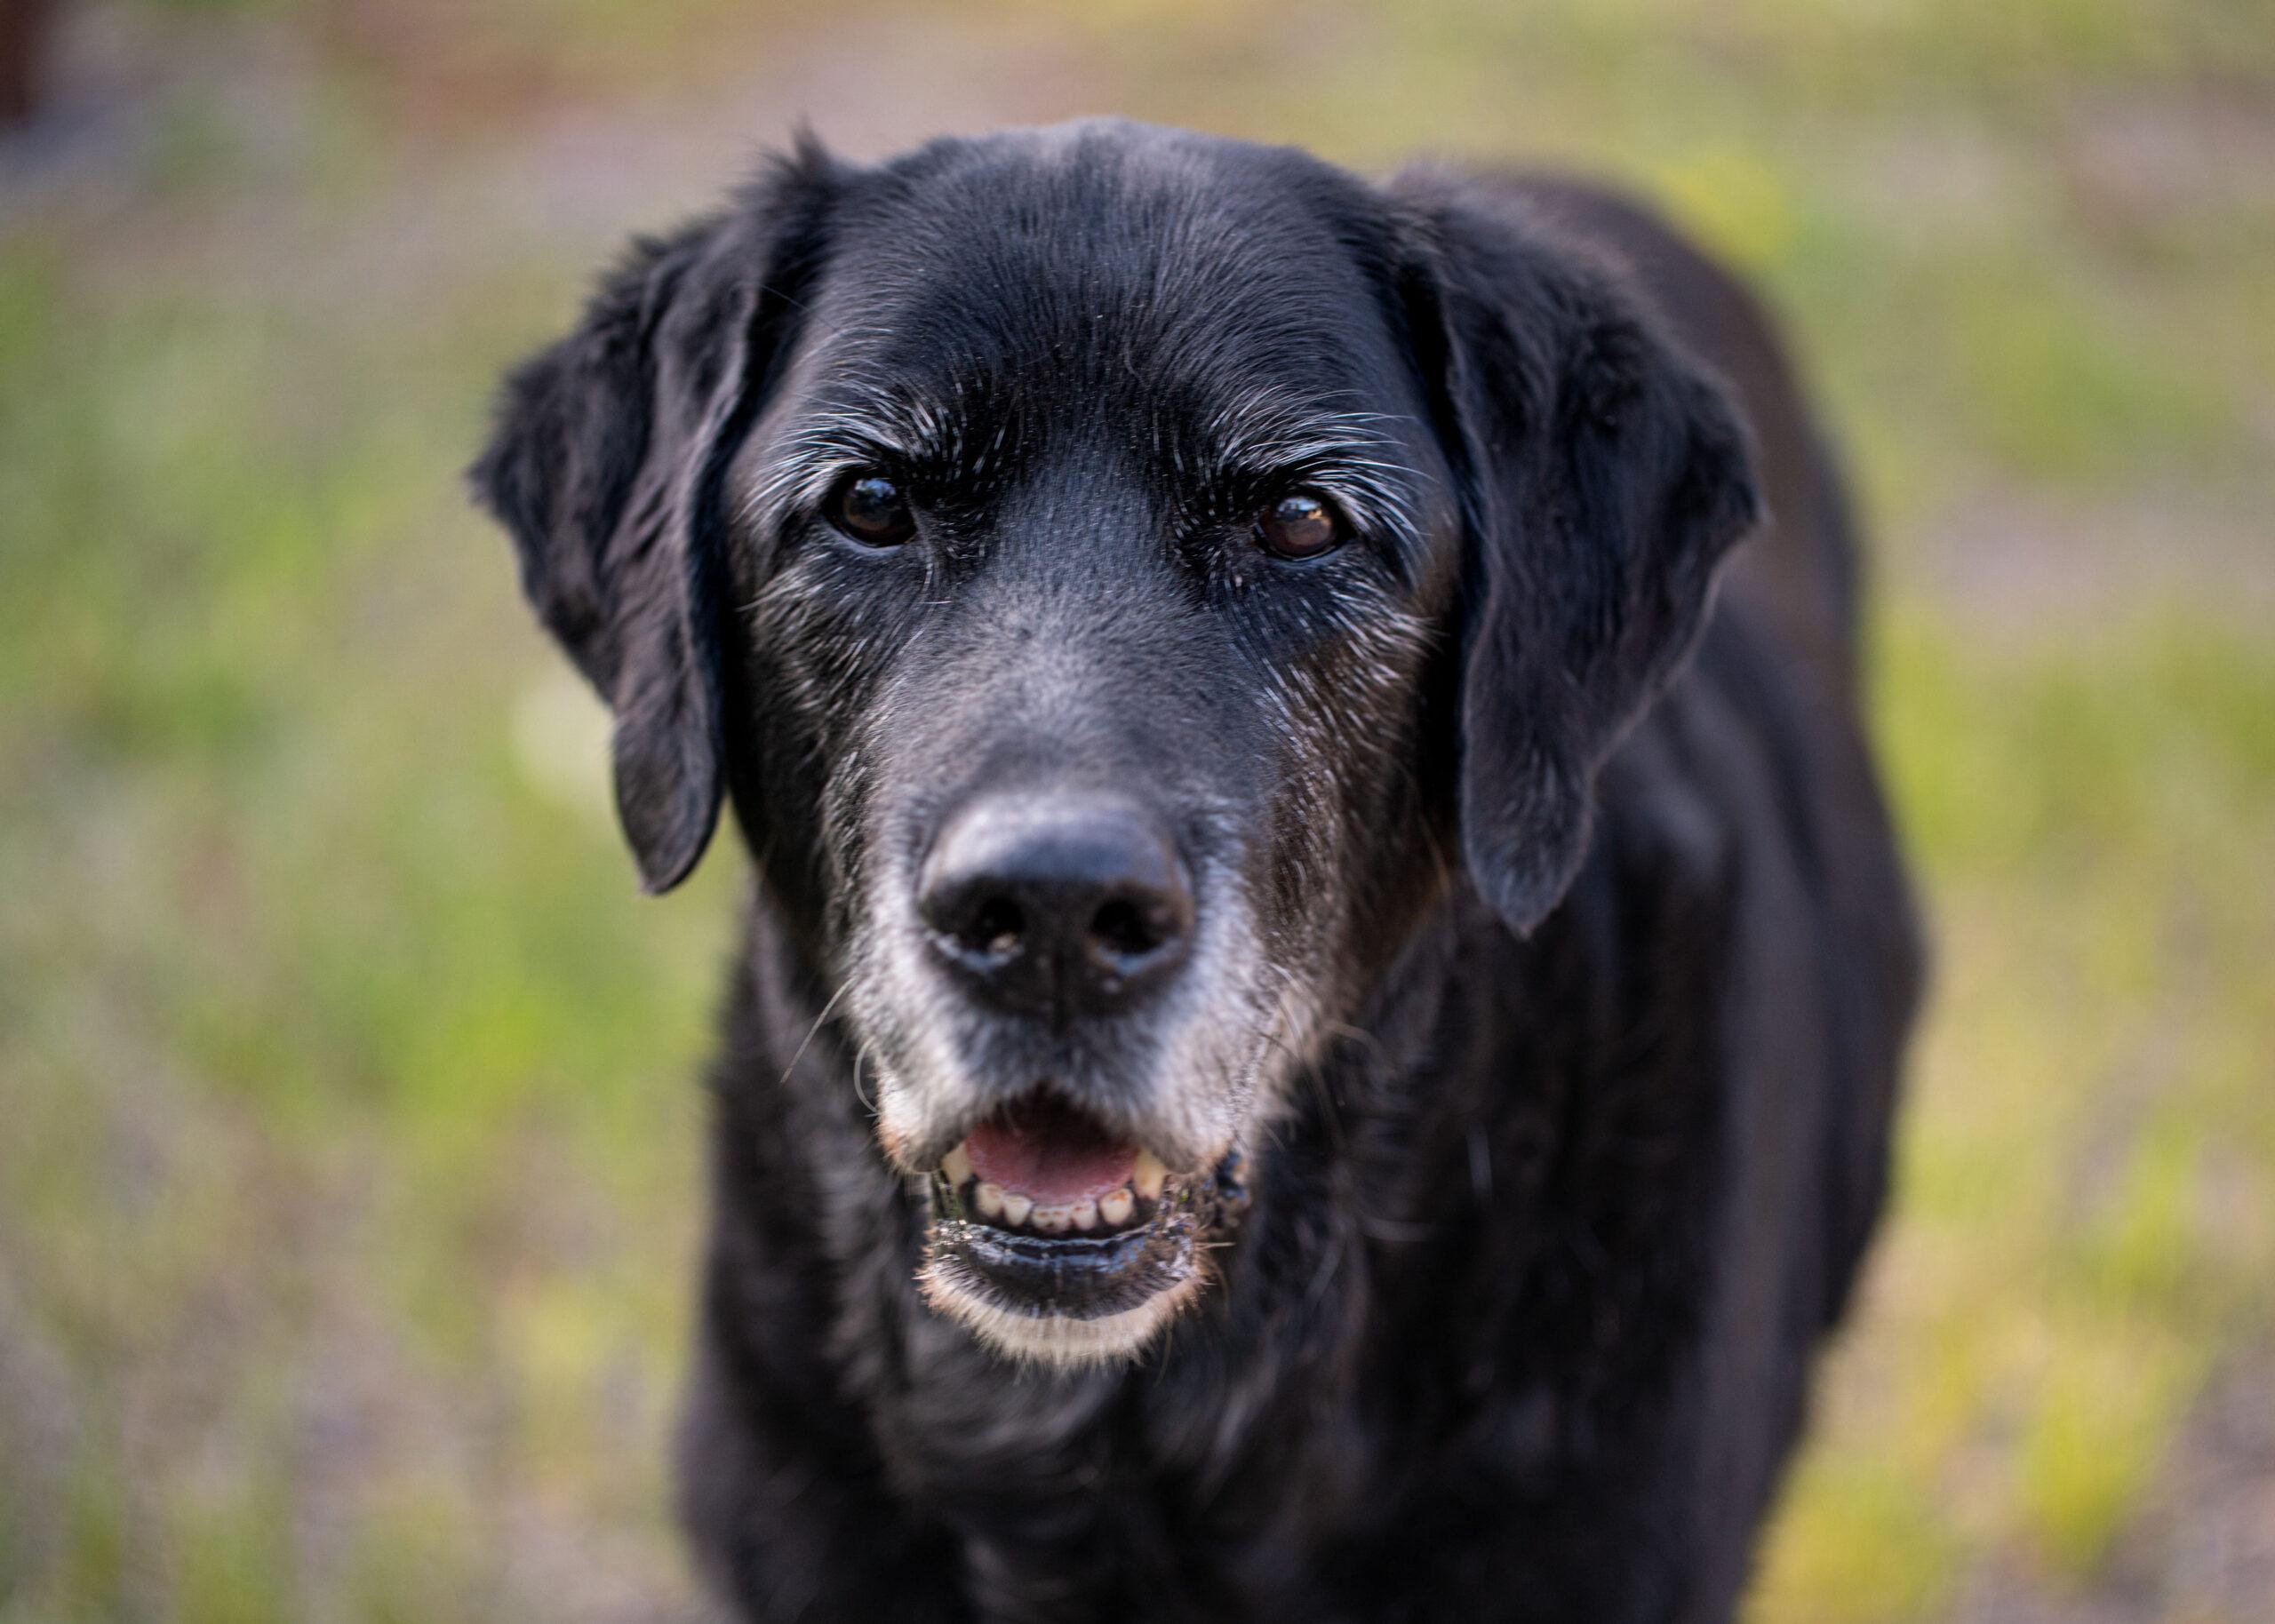 Koira, musta, kultaisen noutajan ja labbiksen risteytys,